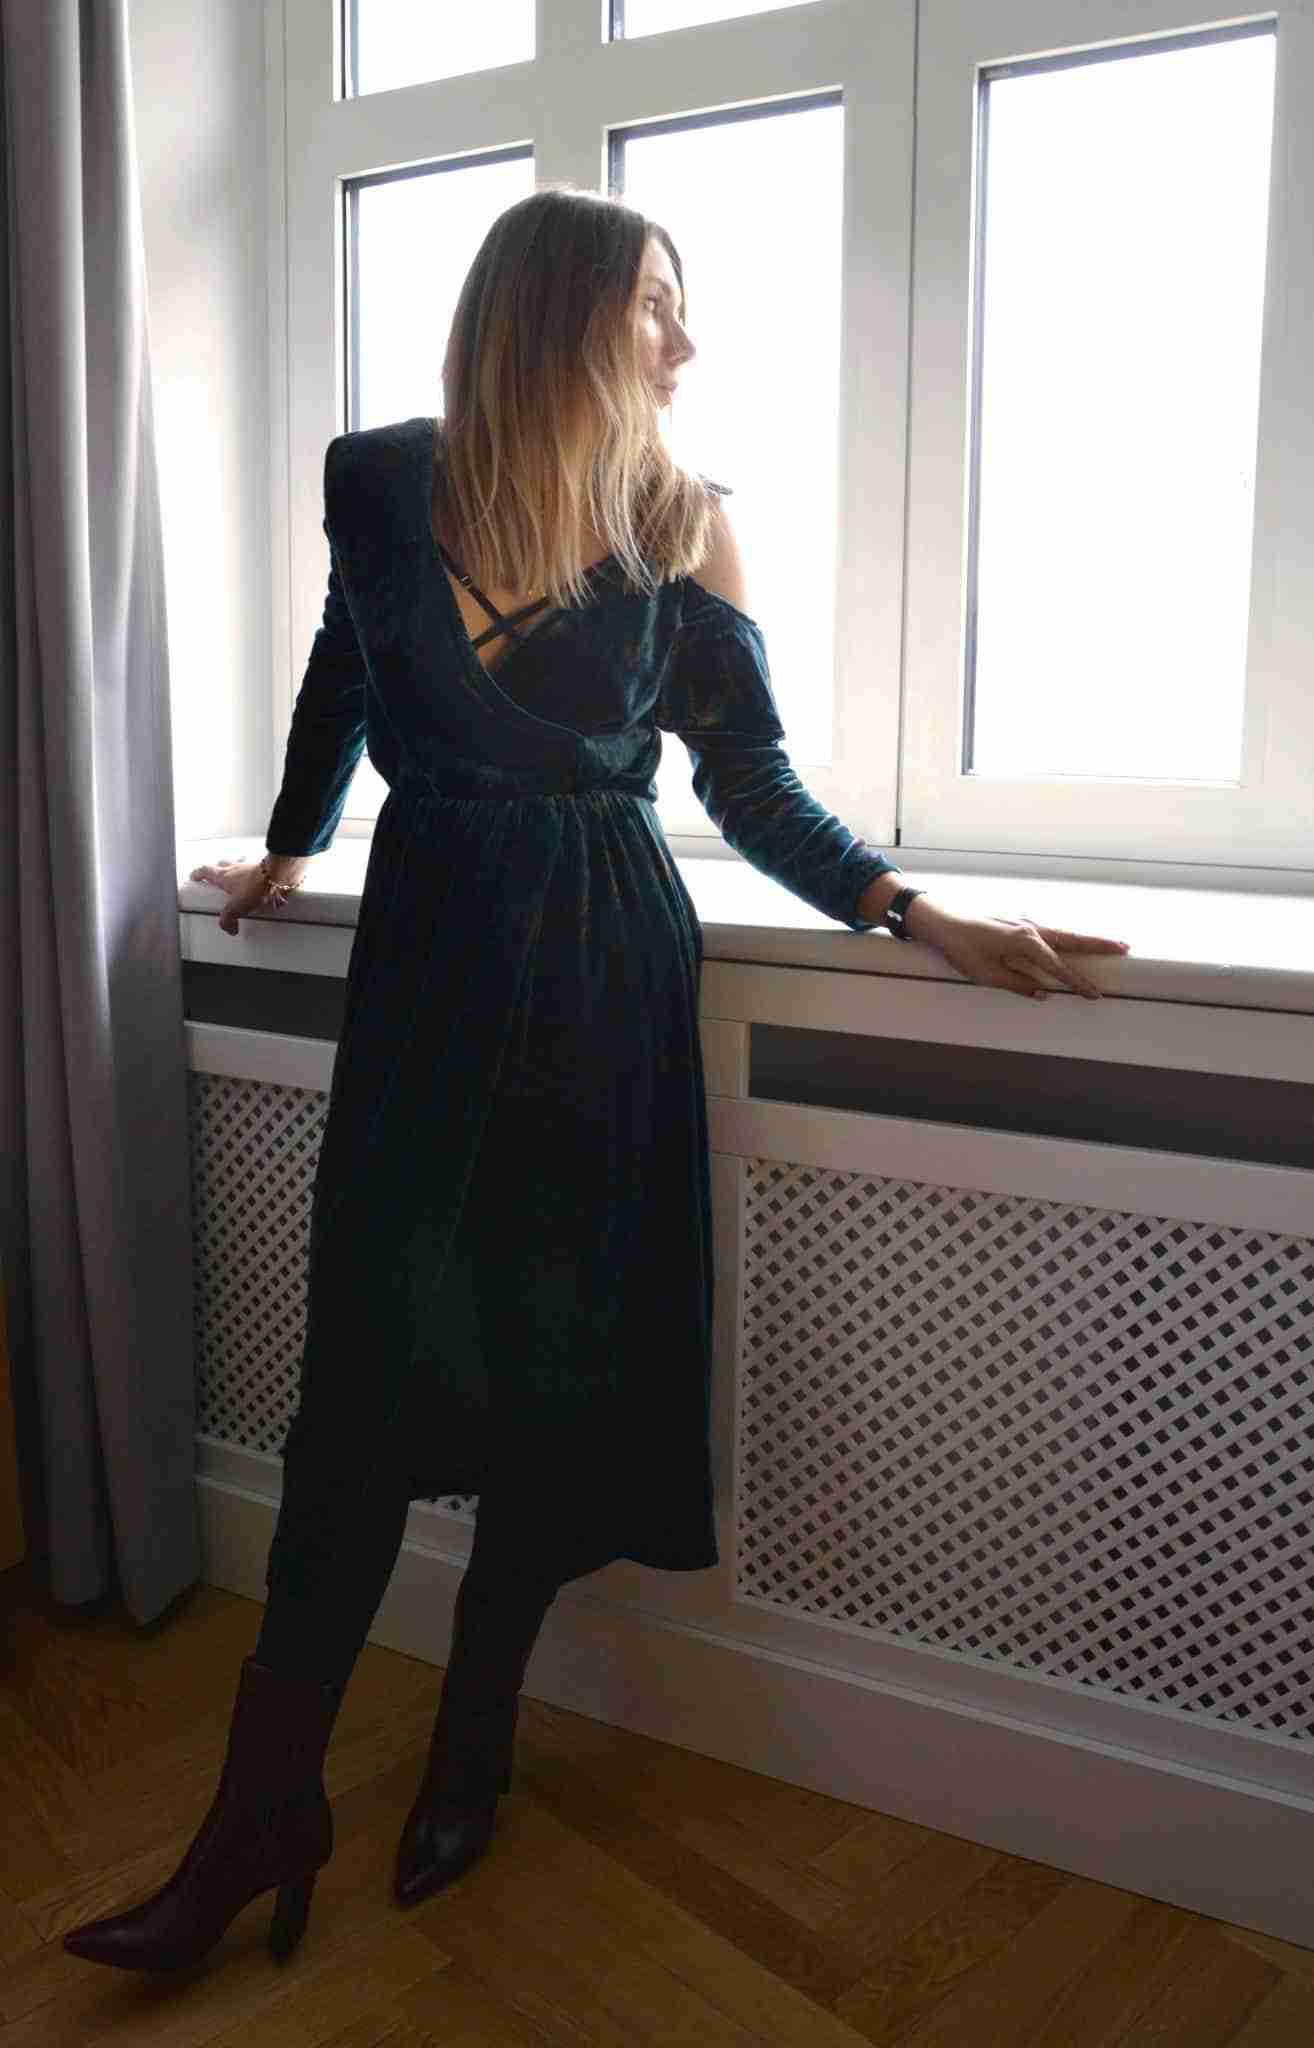 Klaudia wyglądająca przez okno.